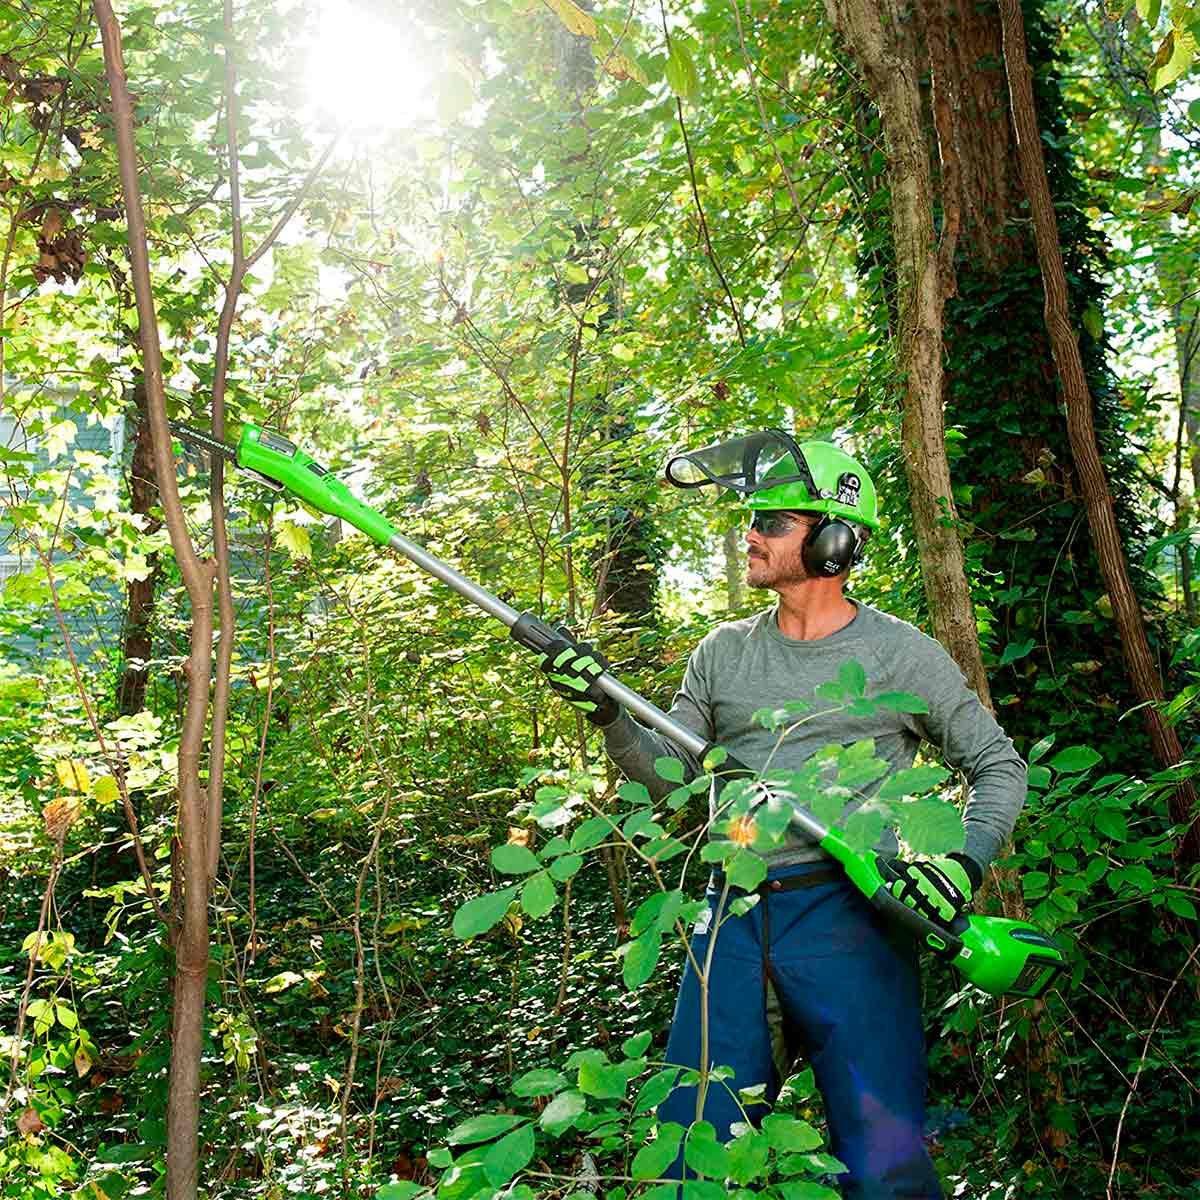 greenworks-pole-saw